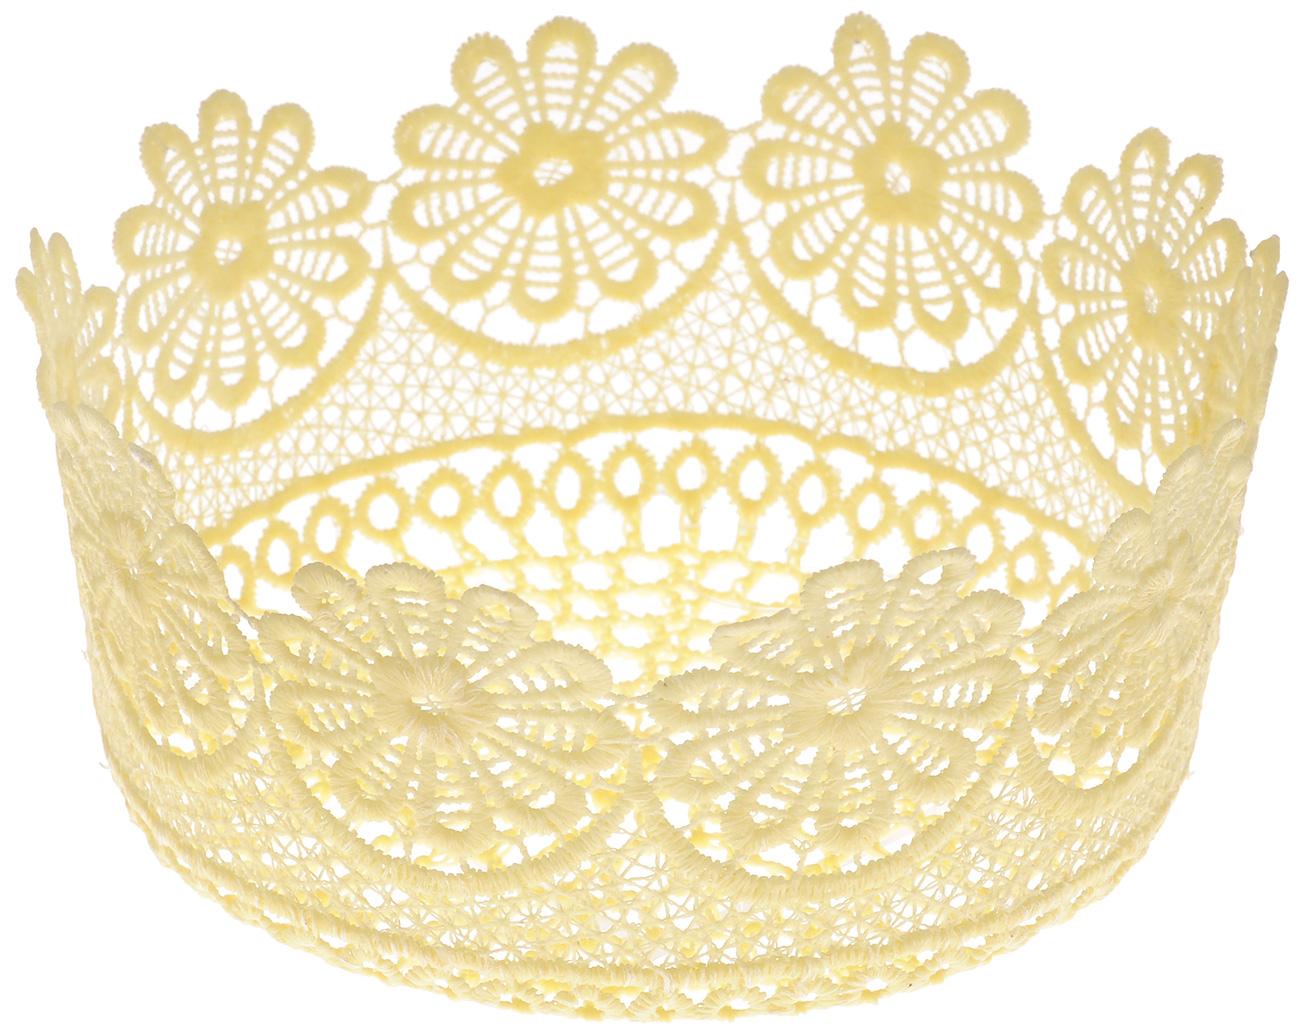 Корзина декоративная Home Queen Ромашки, цвет: желтый, диаметр 17 см64338_2Декоративная ажурная корзина Home Queen Ромашки, выполненная из полиэстера, предназначена для хранения различных мелочей и аксессуаров, также отлично подойдет для пасхальных яиц и кулича. Изделие имеет жесткую форму. Такая корзина станет оригинальным украшением интерьера к Пасхе.